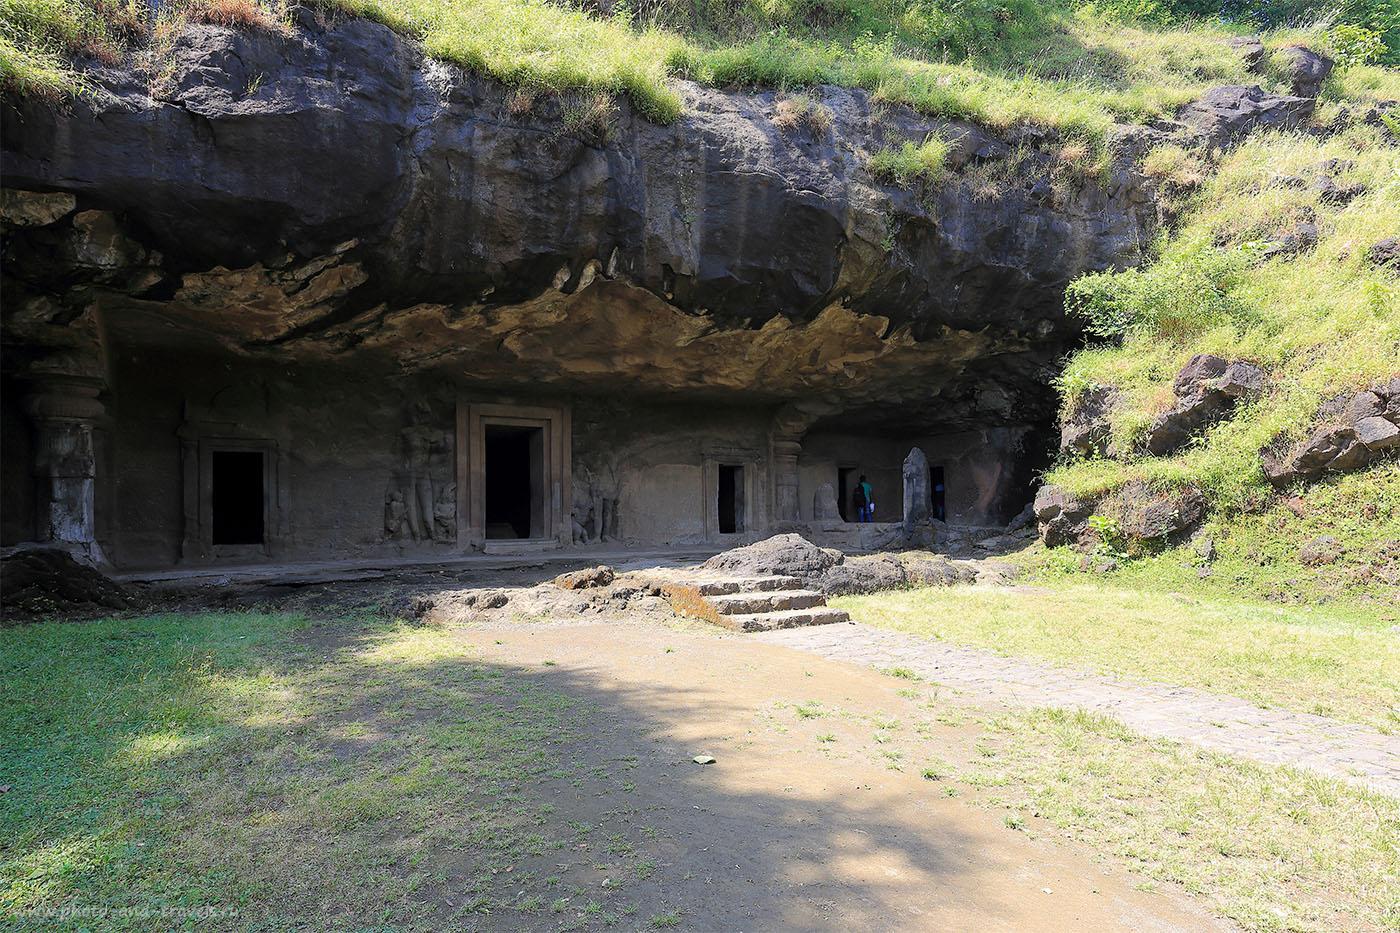 20. Отзыв о поездке на остров Элефанта в Мумбаи. Пещера с восточной стороны (17-40, 1/30, 0eV, f9, 17 mm, ISO 100)